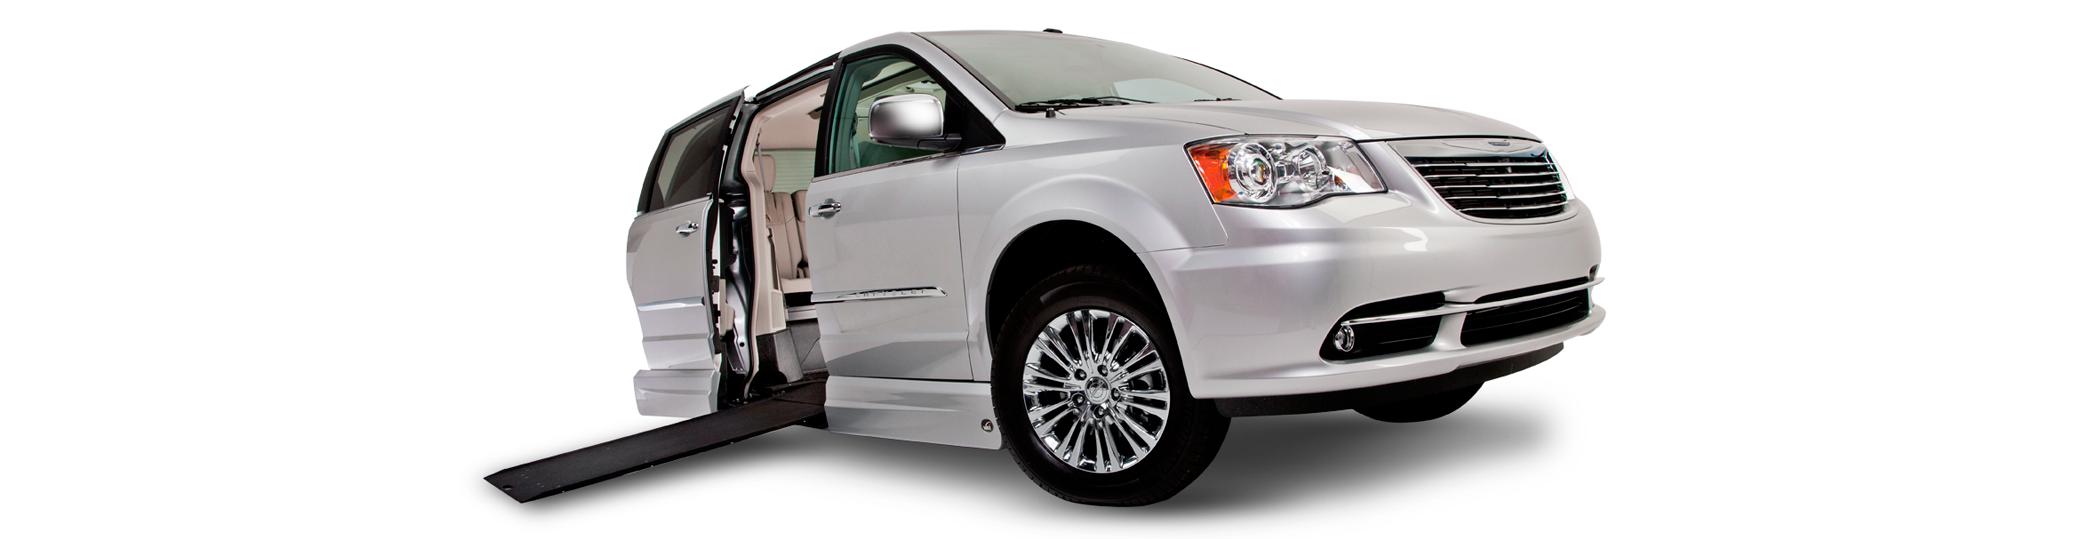 Chrysler-1-11